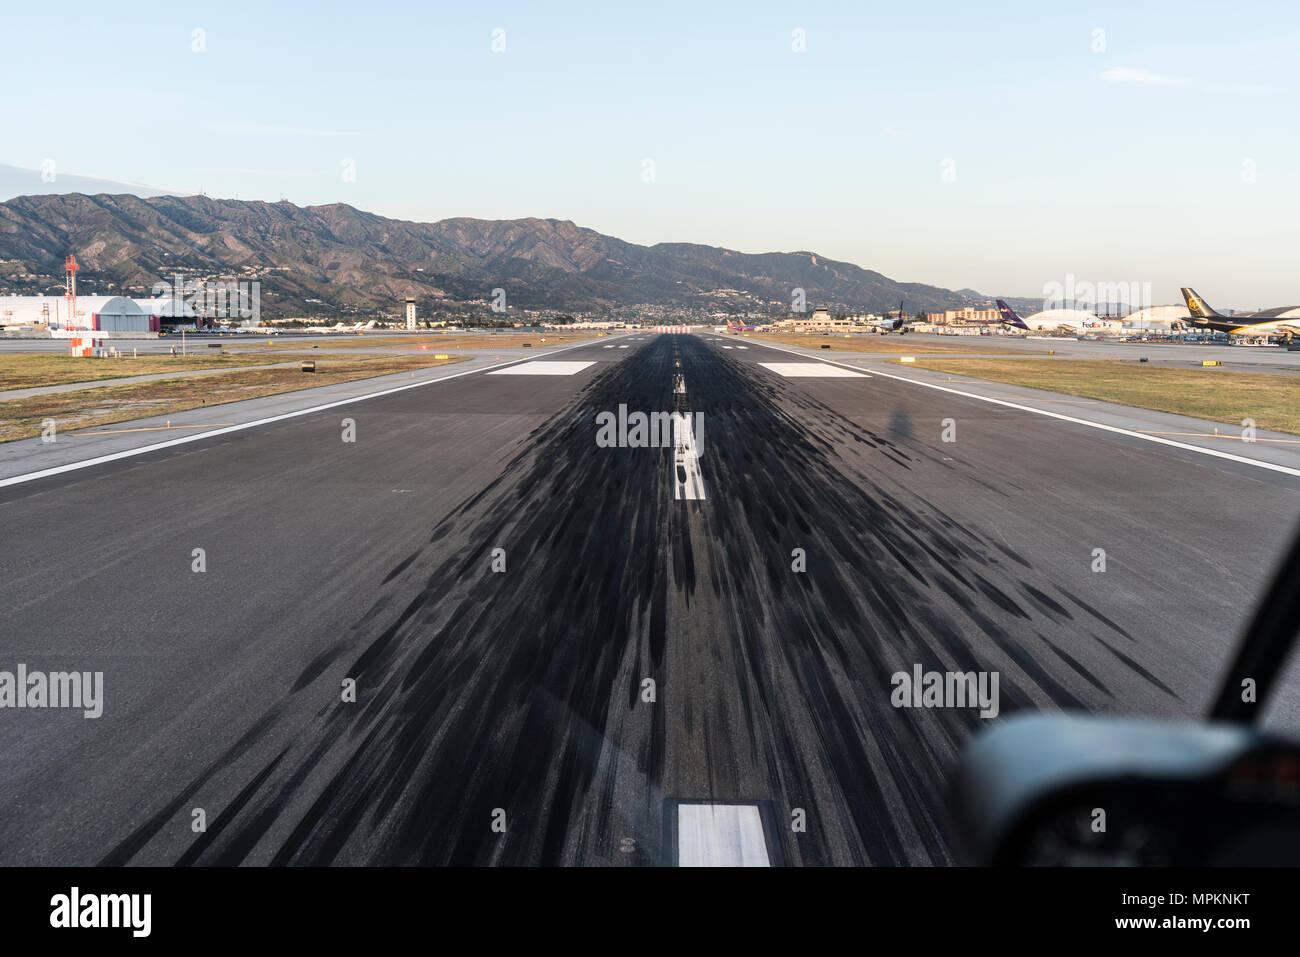 Burbank, Californie, USA - 18 avril, 2018: des marques de dérapage sur piste à l'aéroport de Burbank, près de Los Angeles, Californie. Photo Stock